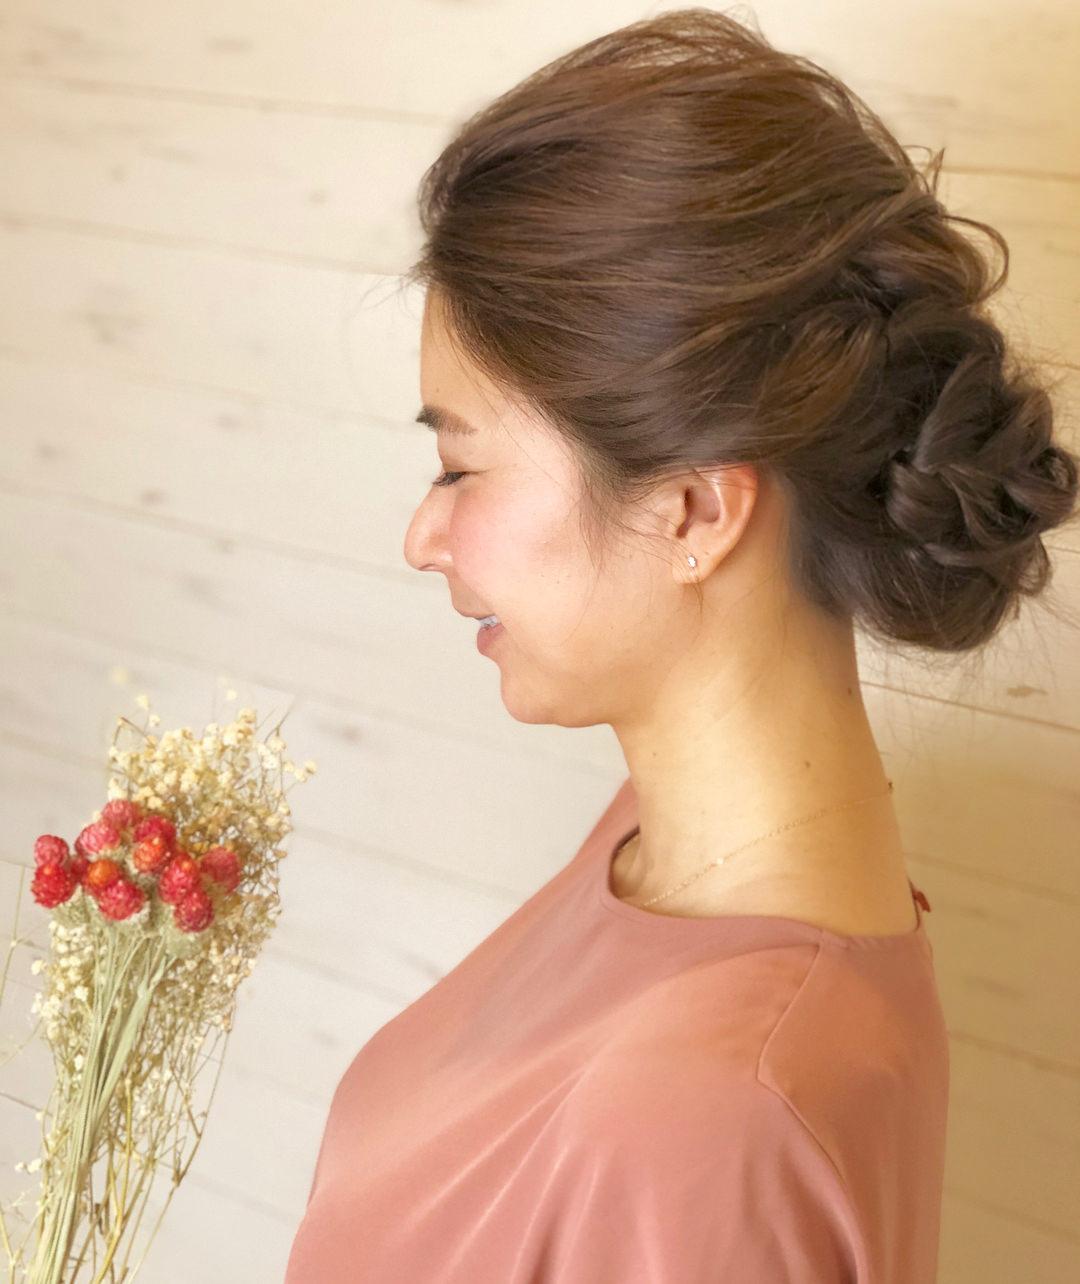 【保存版】トレンドの可愛いヘアスタイル・髪型47選大発表!49